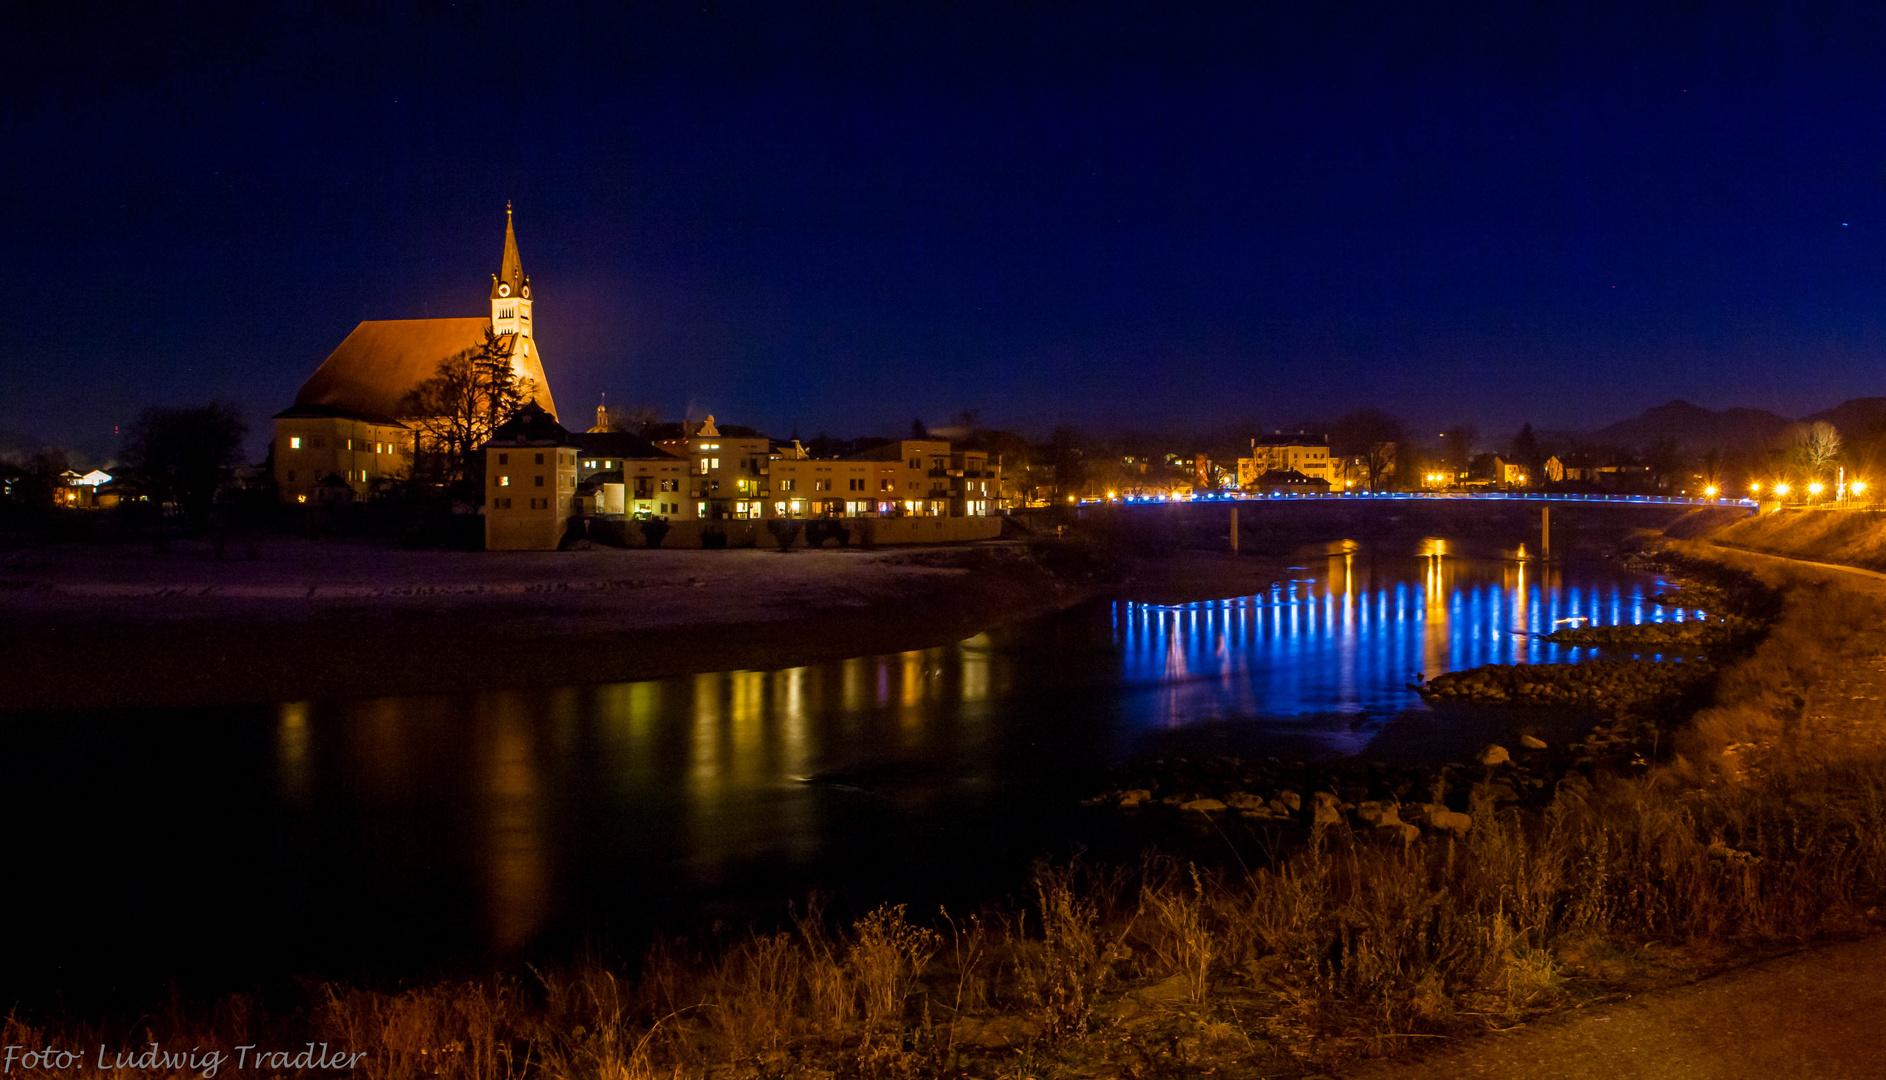 Stadt Laufen an der Salzach mit der Europabrücke